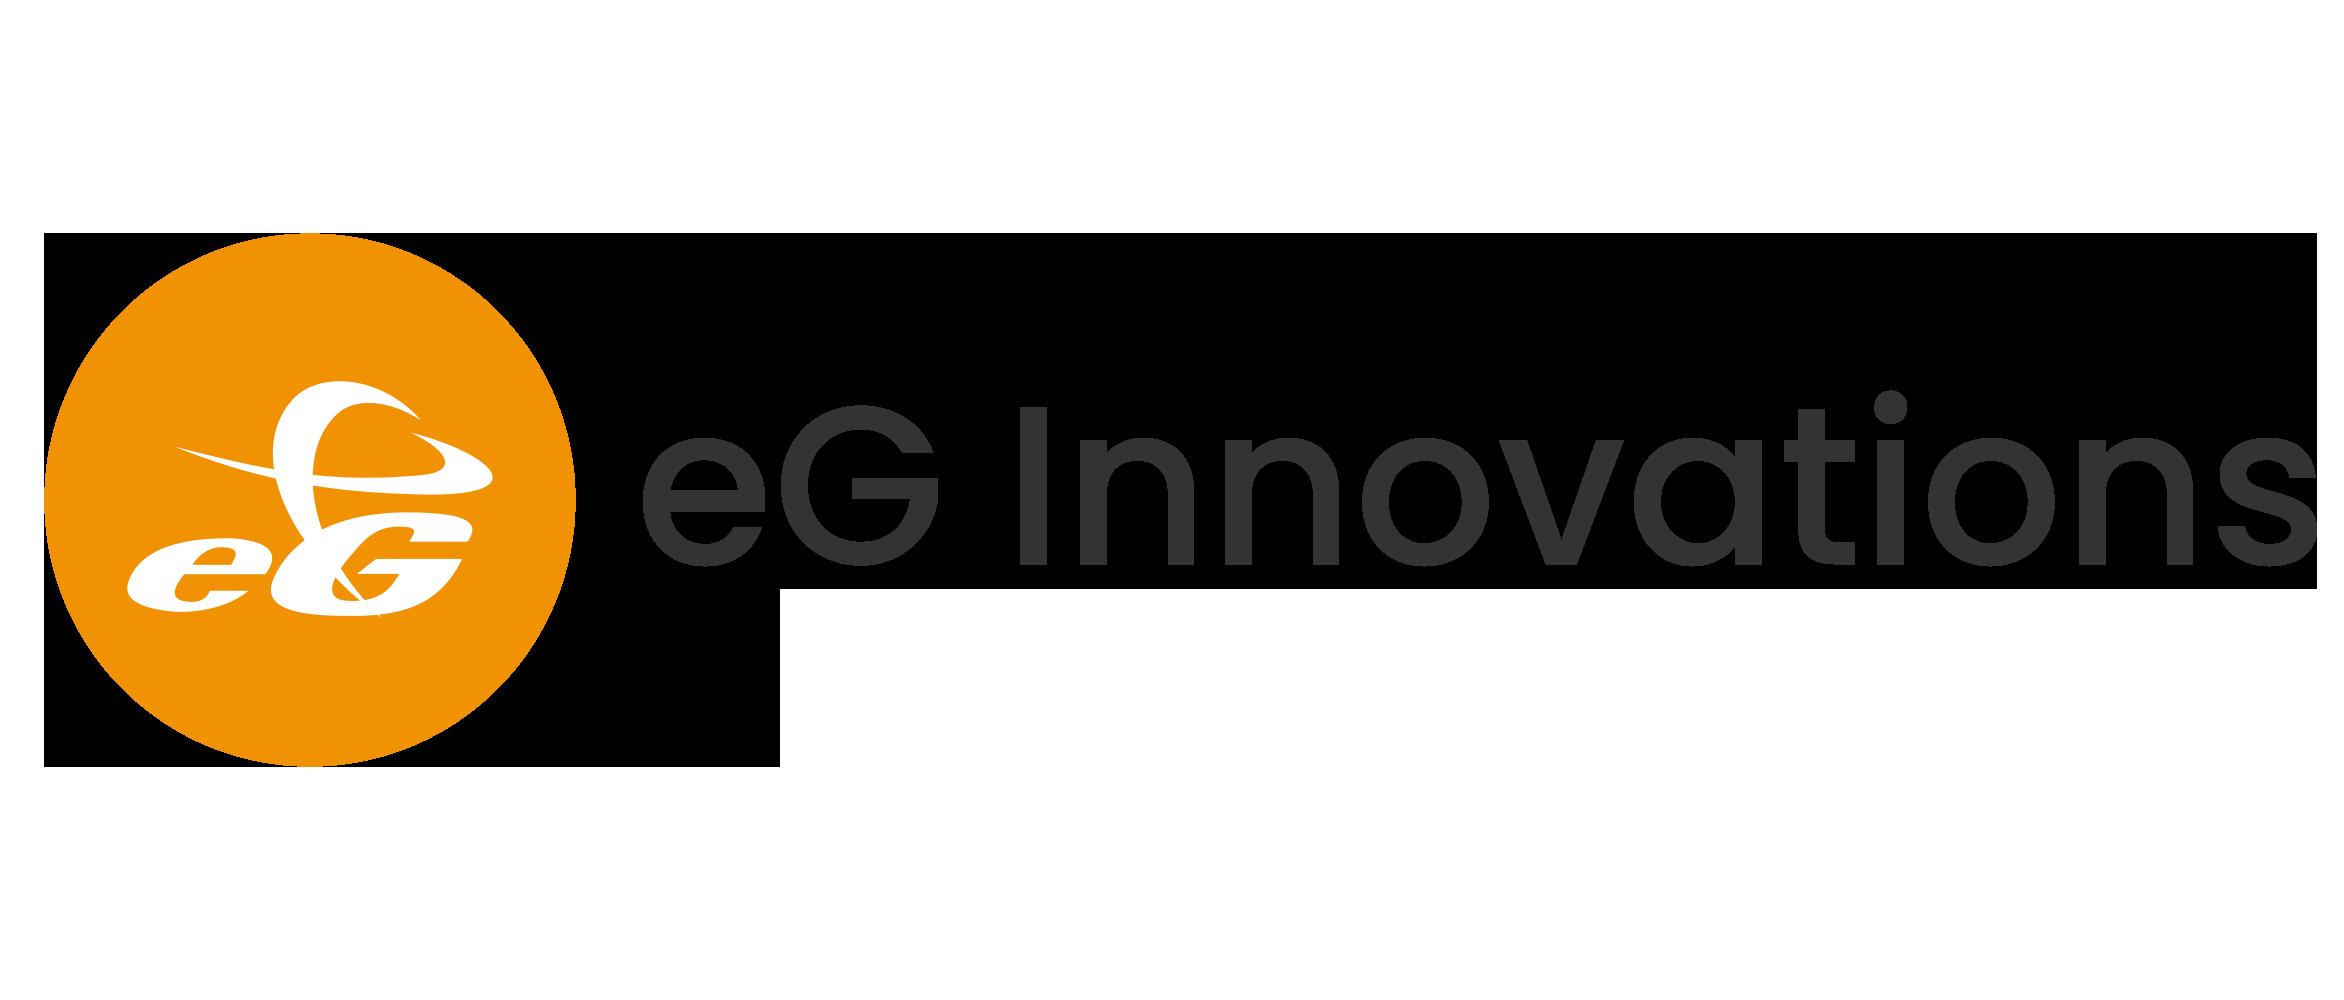 eG Innovations UK Ltd